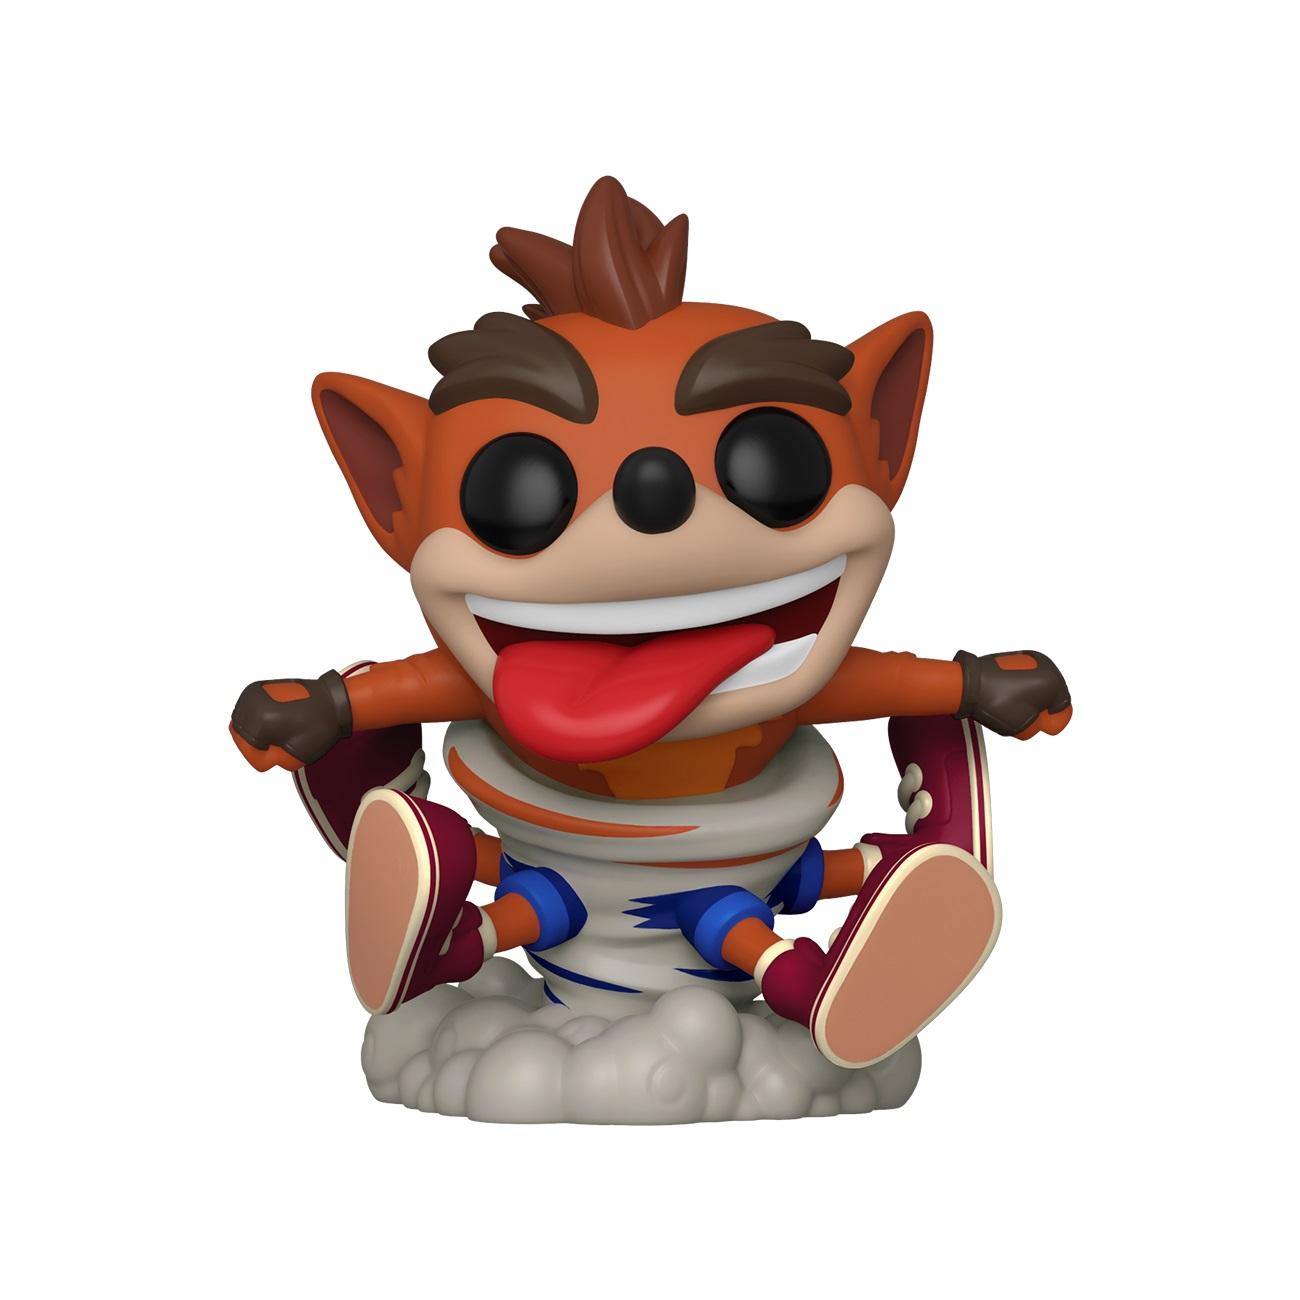 Pop! Games Crash Bandicoot S3 Crash Vinyl Figure Game Box